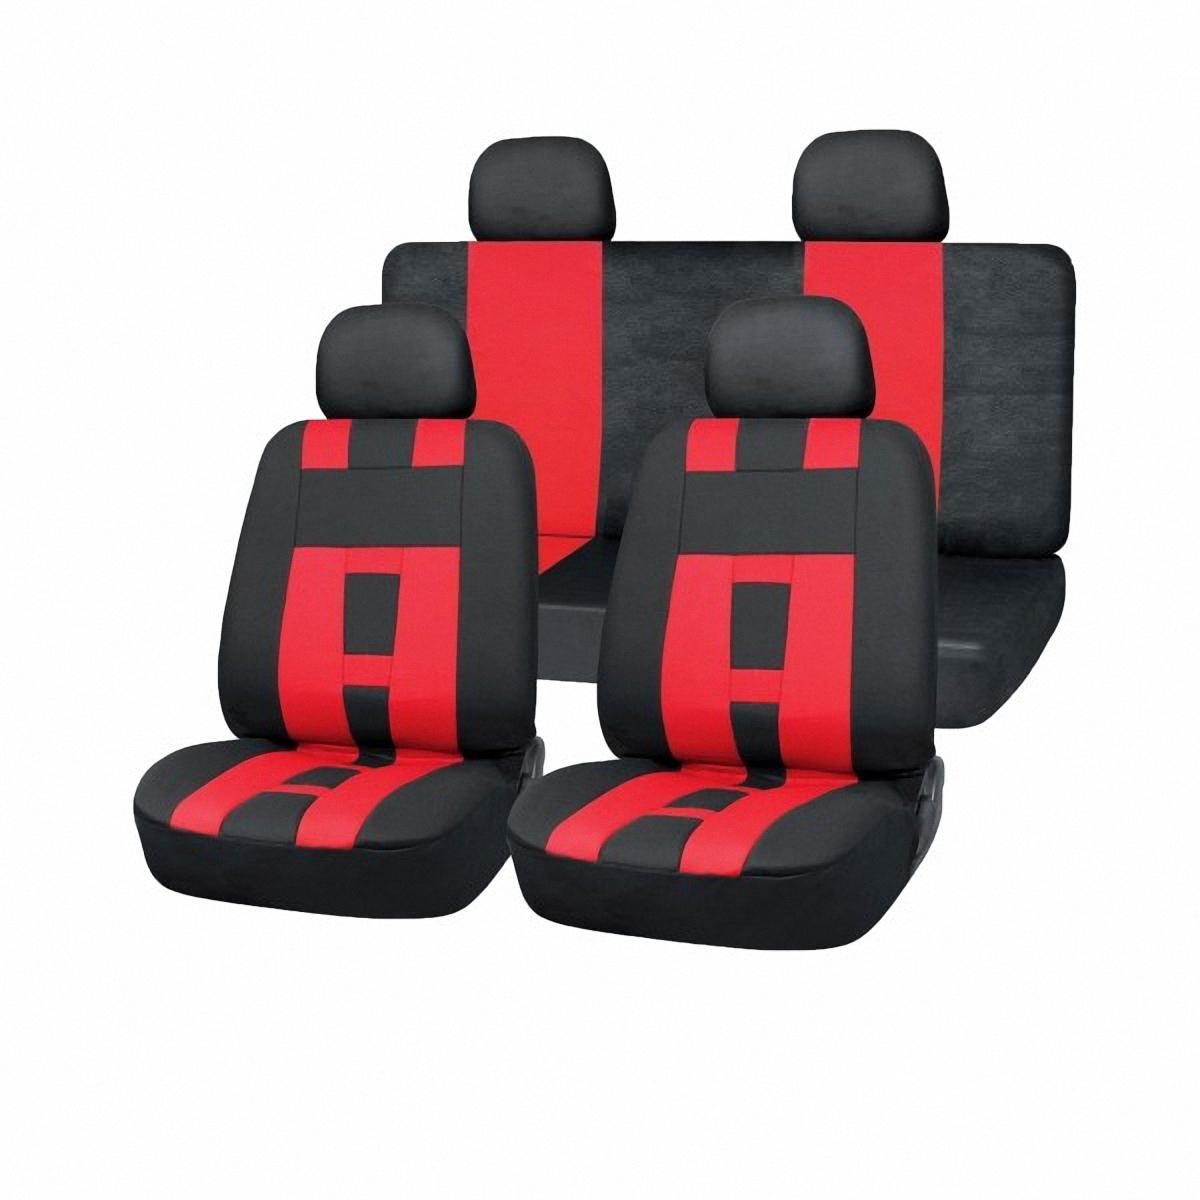 Чехлы автомобильные Skyway. SW-121011 BK/RD S/S01301025 чехол на сиденье autoprofi mtx 1105 bk rd m